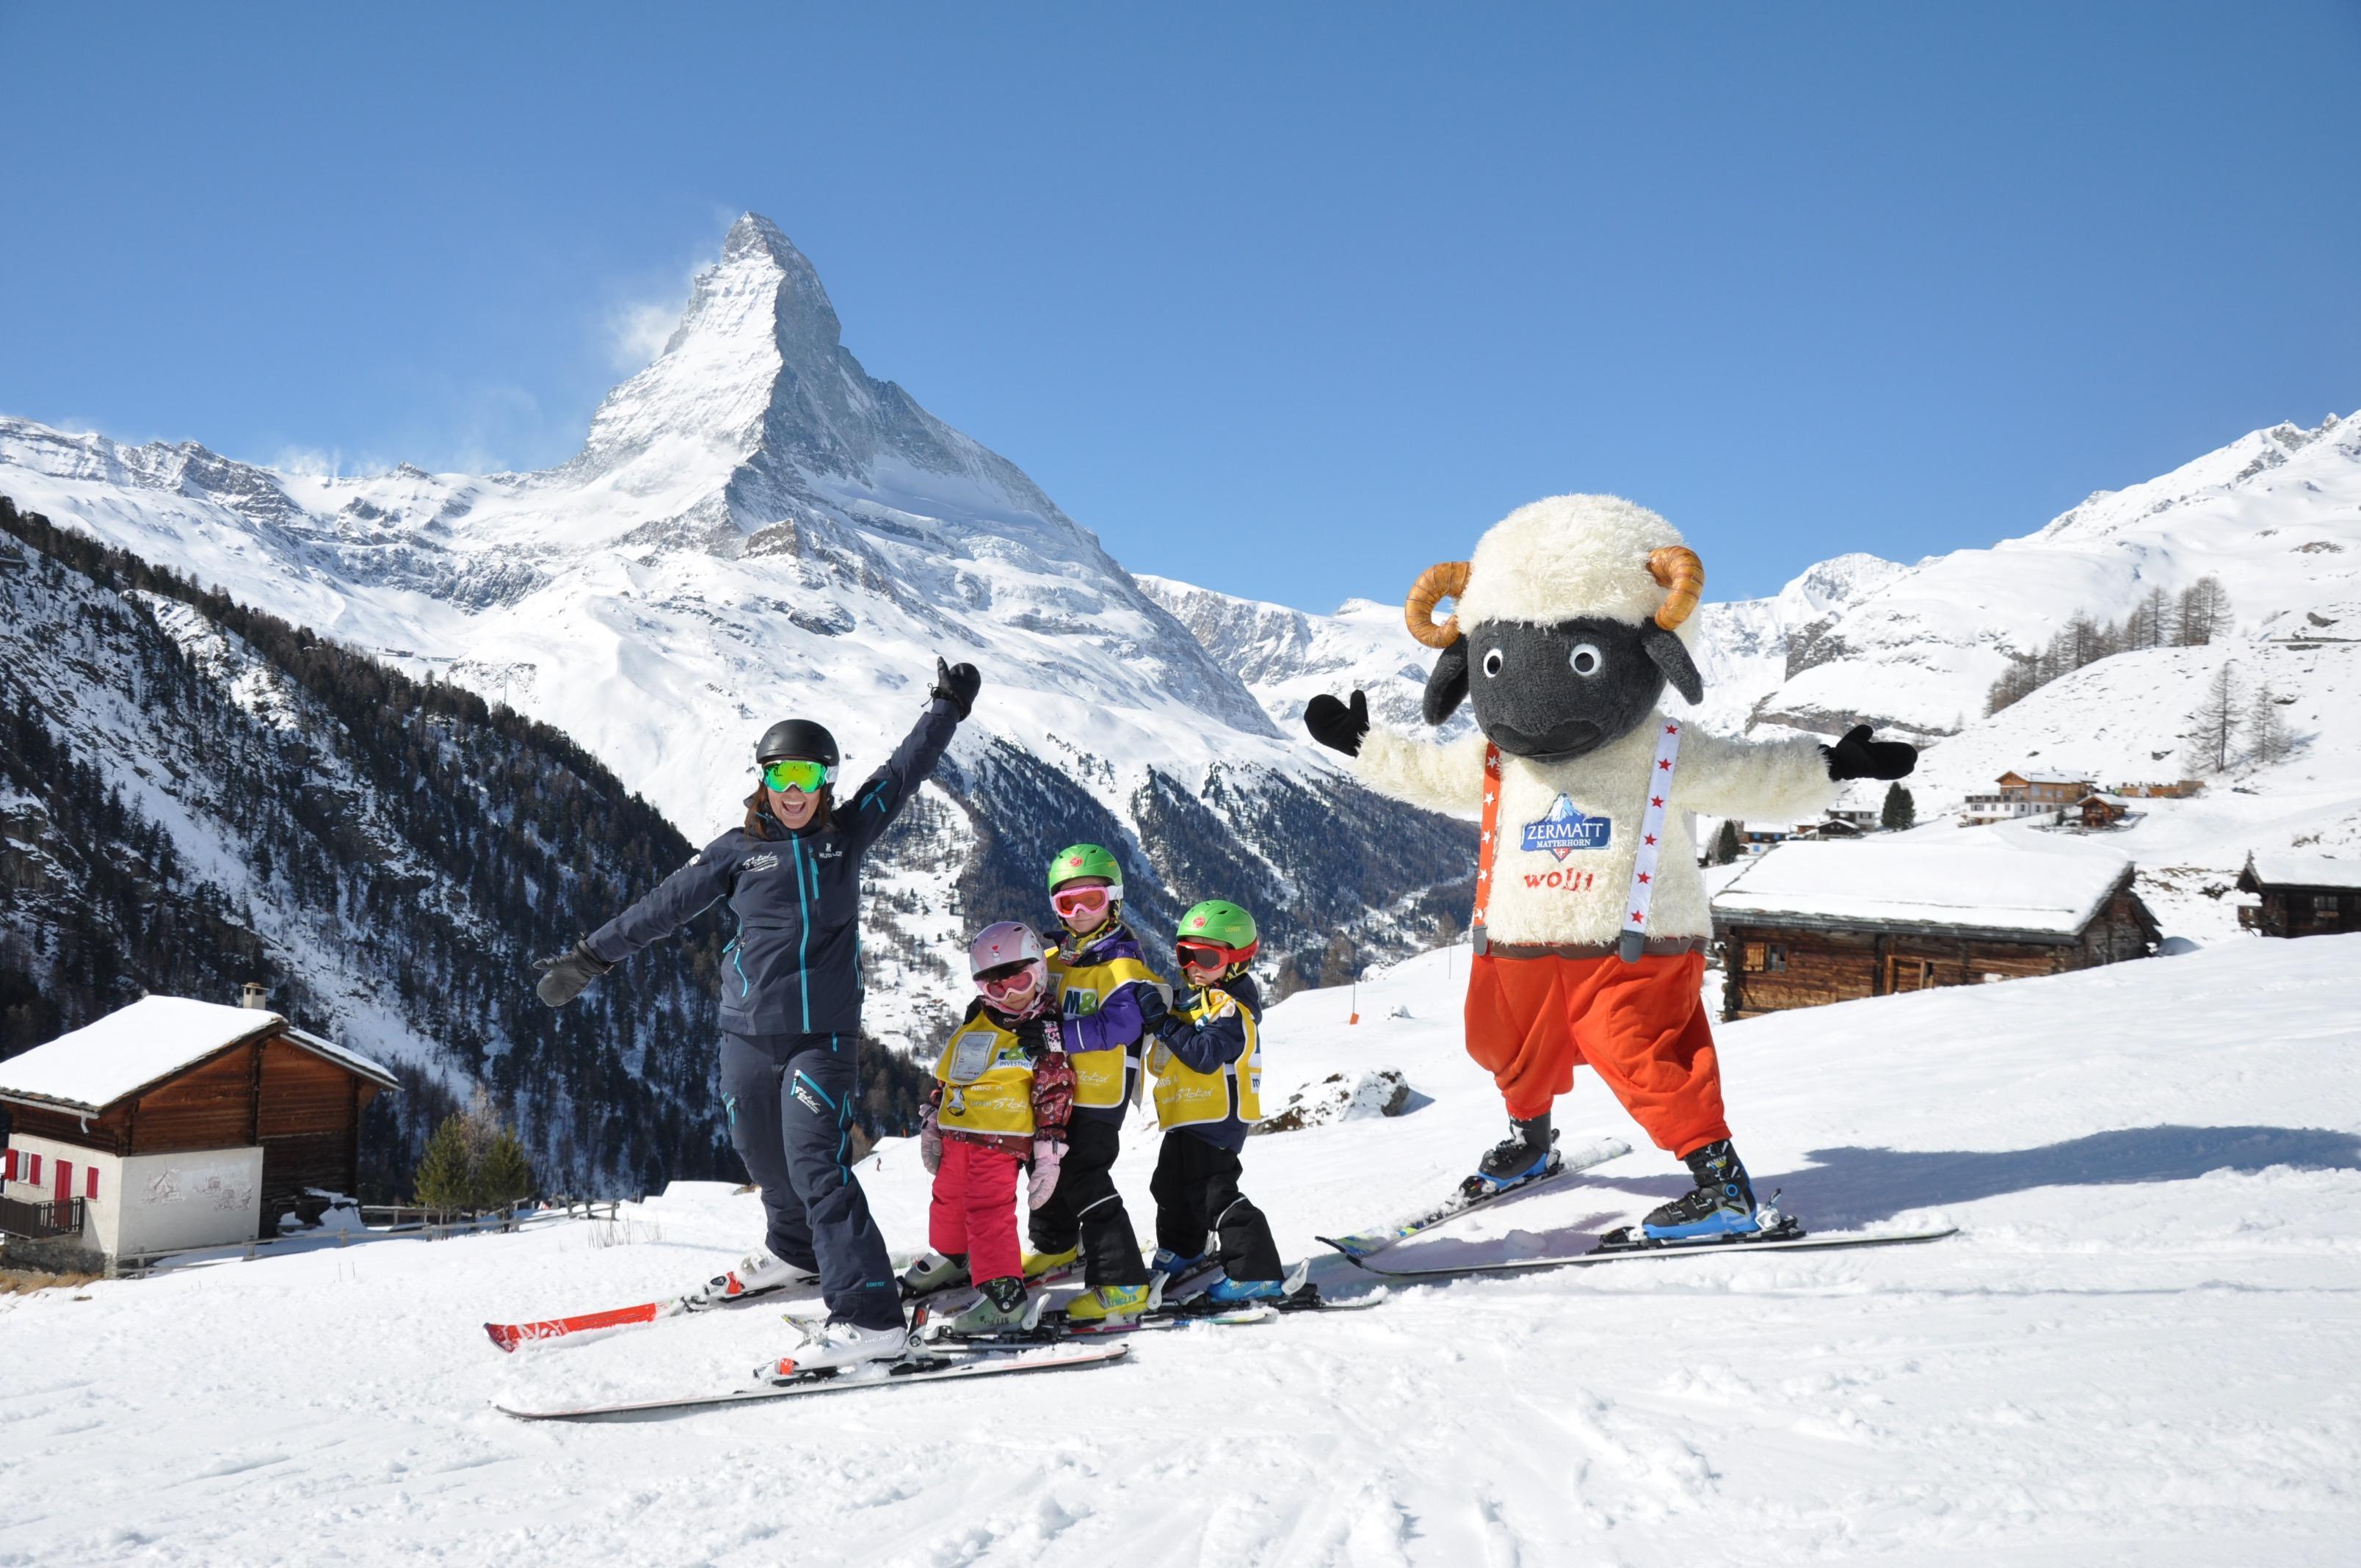 Cours des ski Enfants (dès 4 ans) - Premier cours